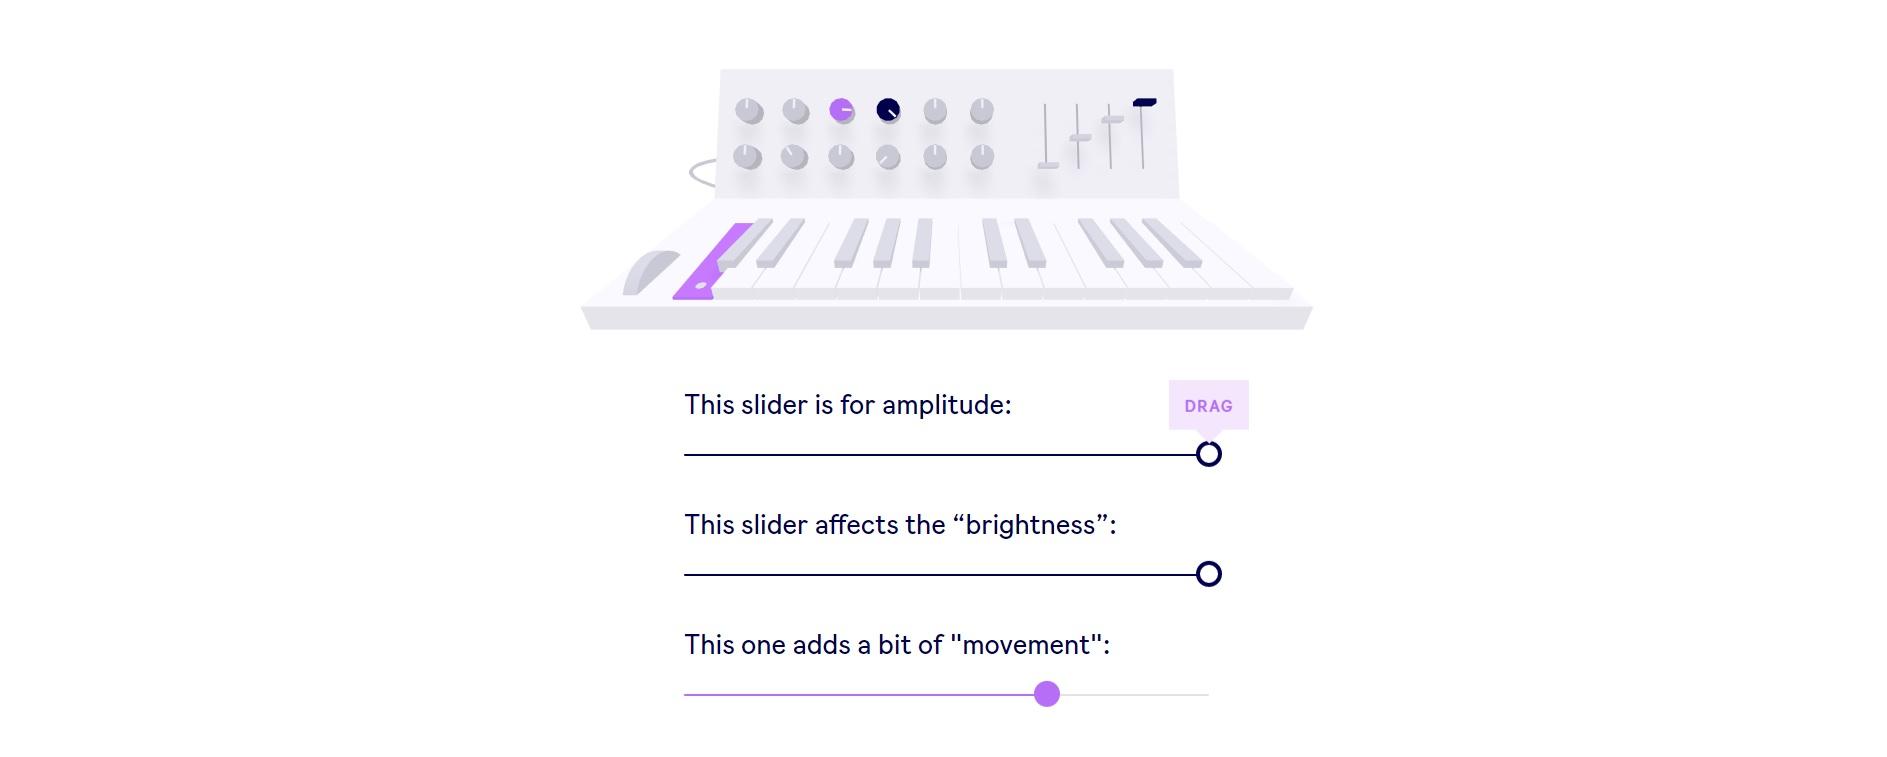 یادگیری سینتی سایزر و مفاهیم سنتز صدا در وب سایت تعاملی Ableton !